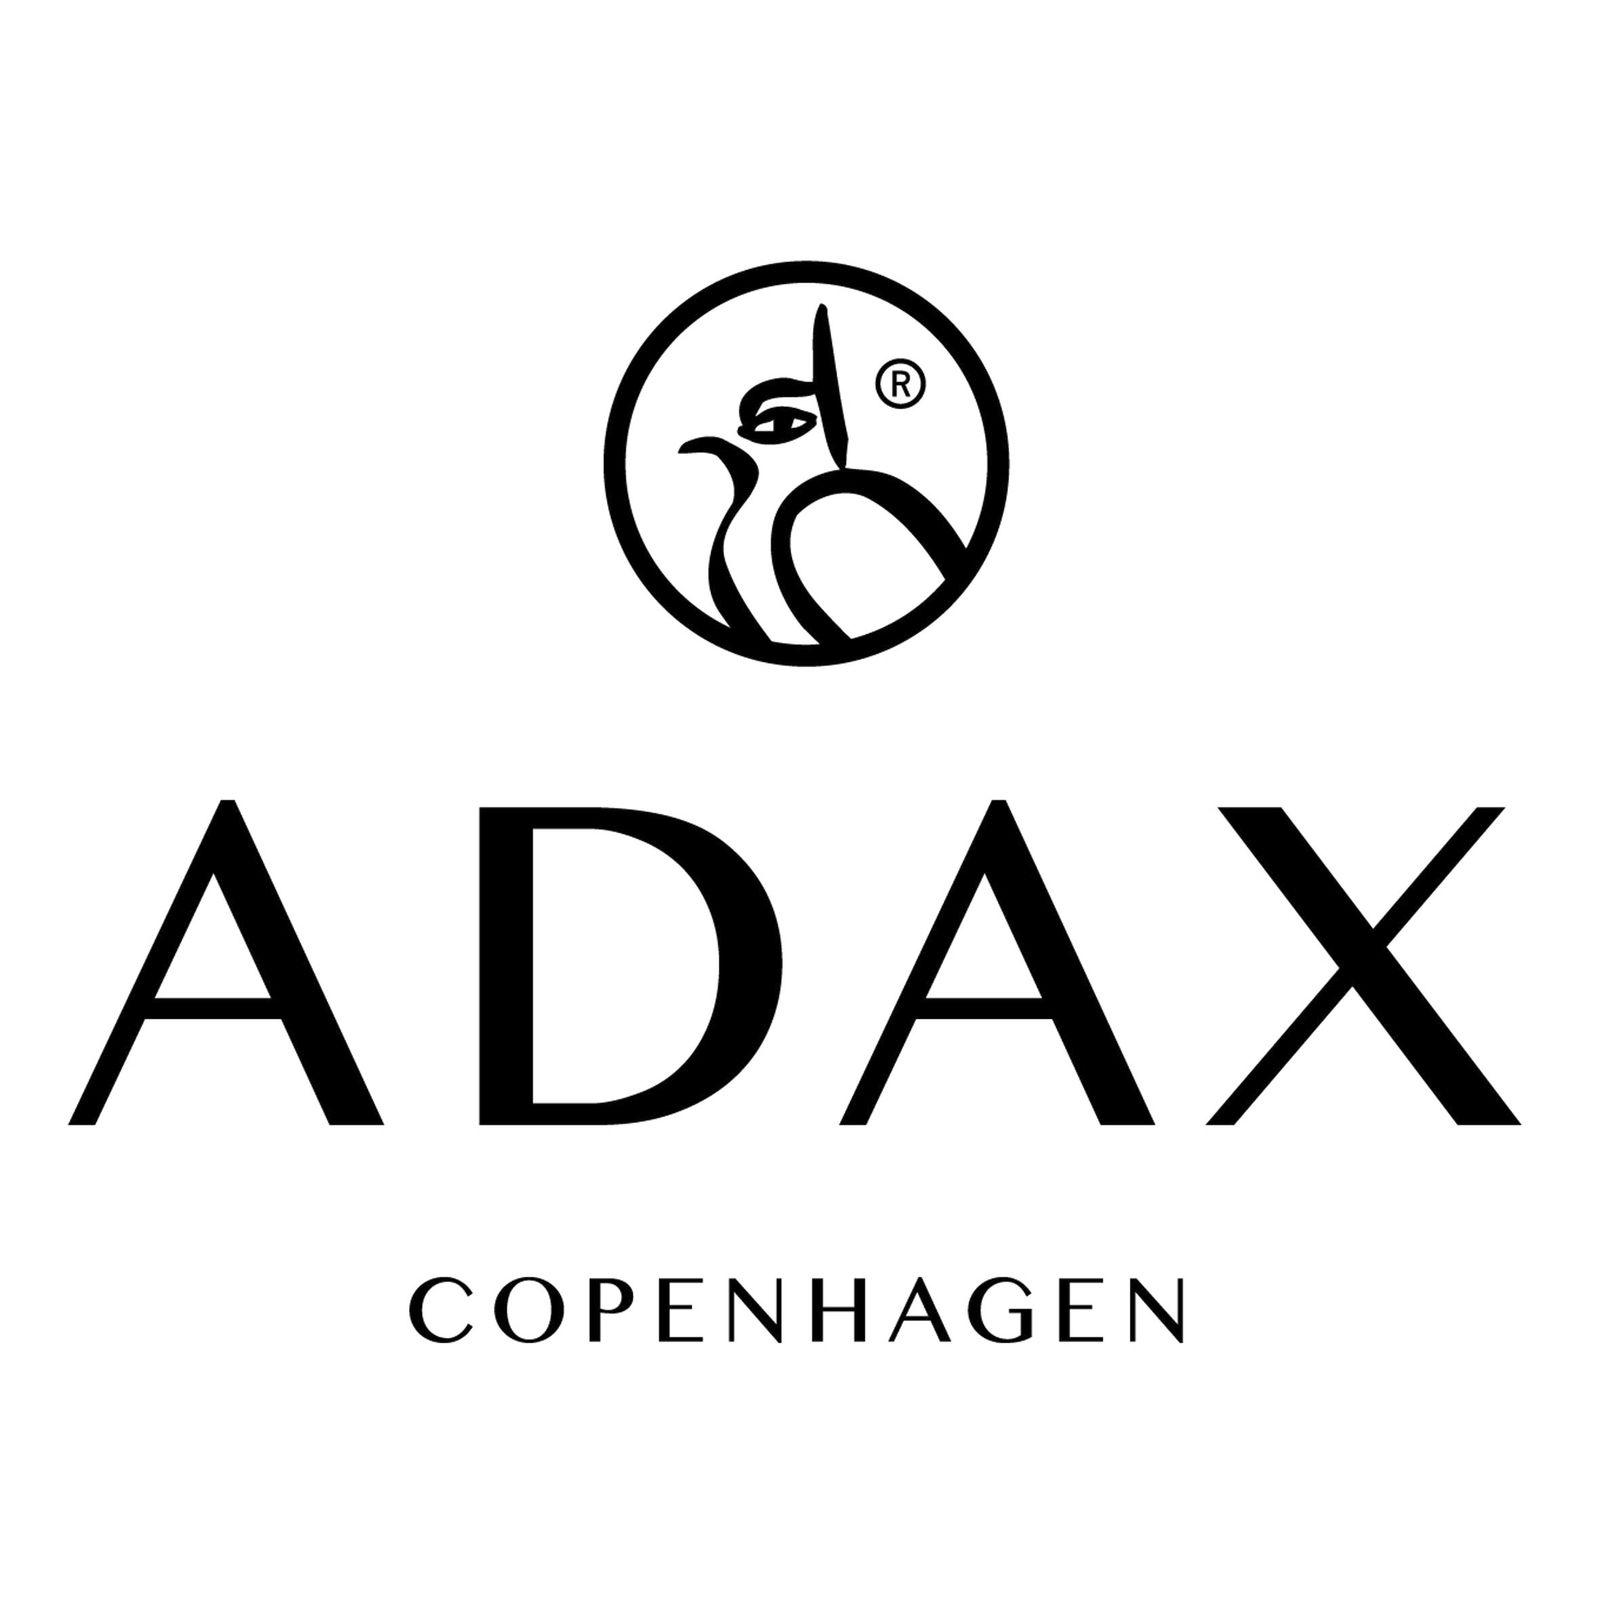 ADAX (Bild 1)